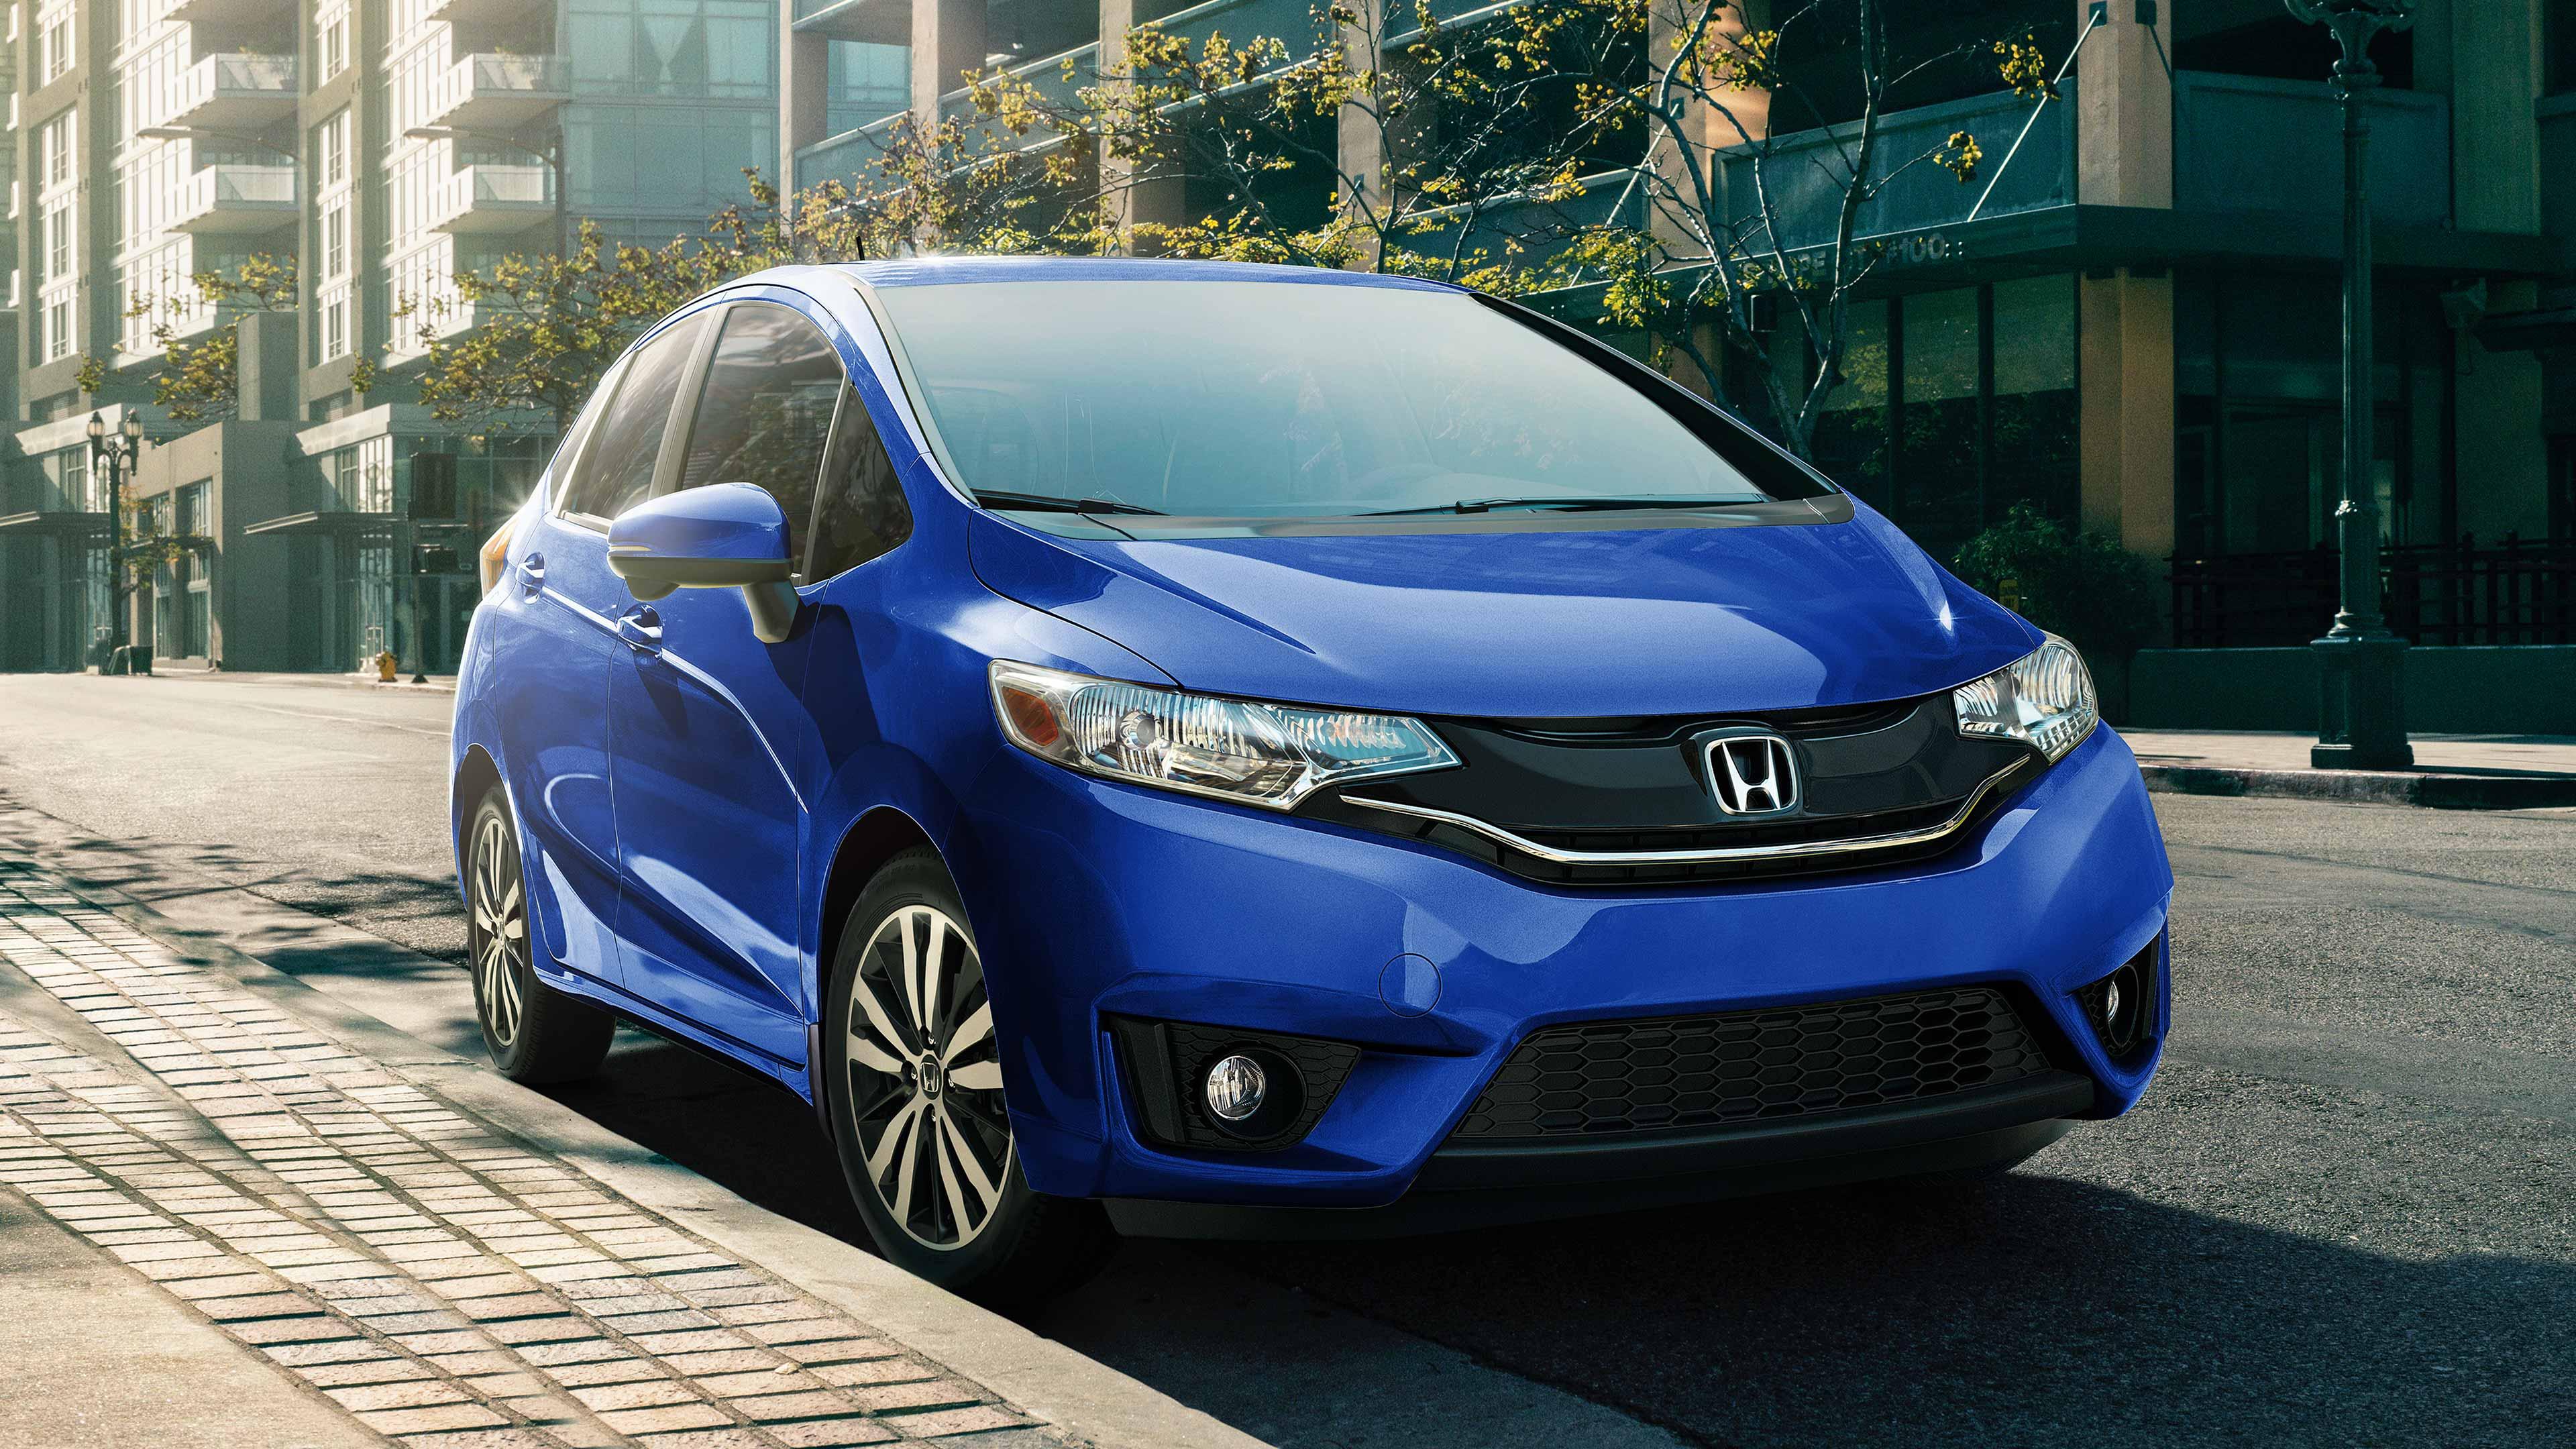 Honda Fit 2017 Exterior